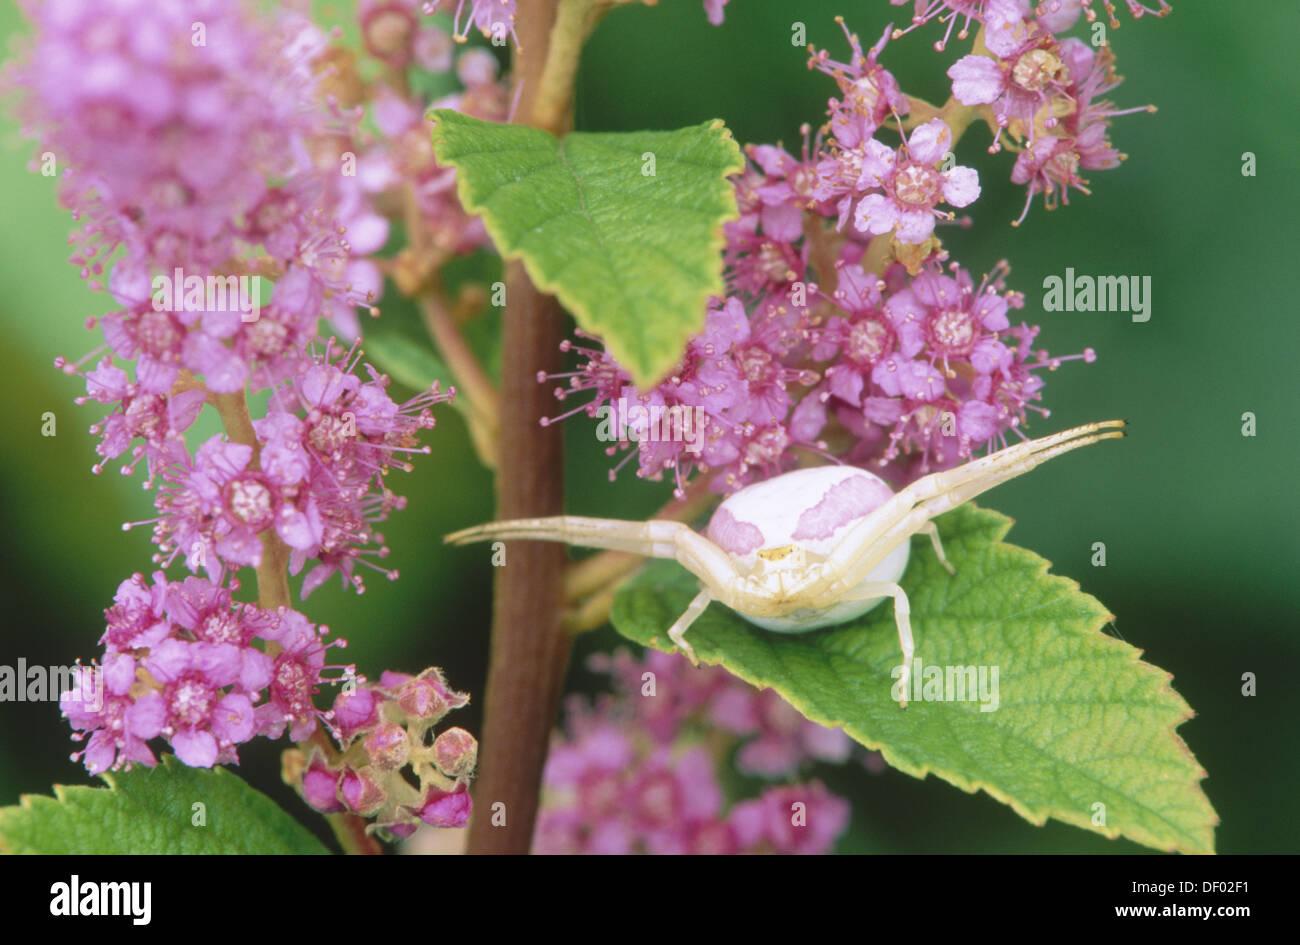 goldenrod-spider-misumena-vatia-on-leave